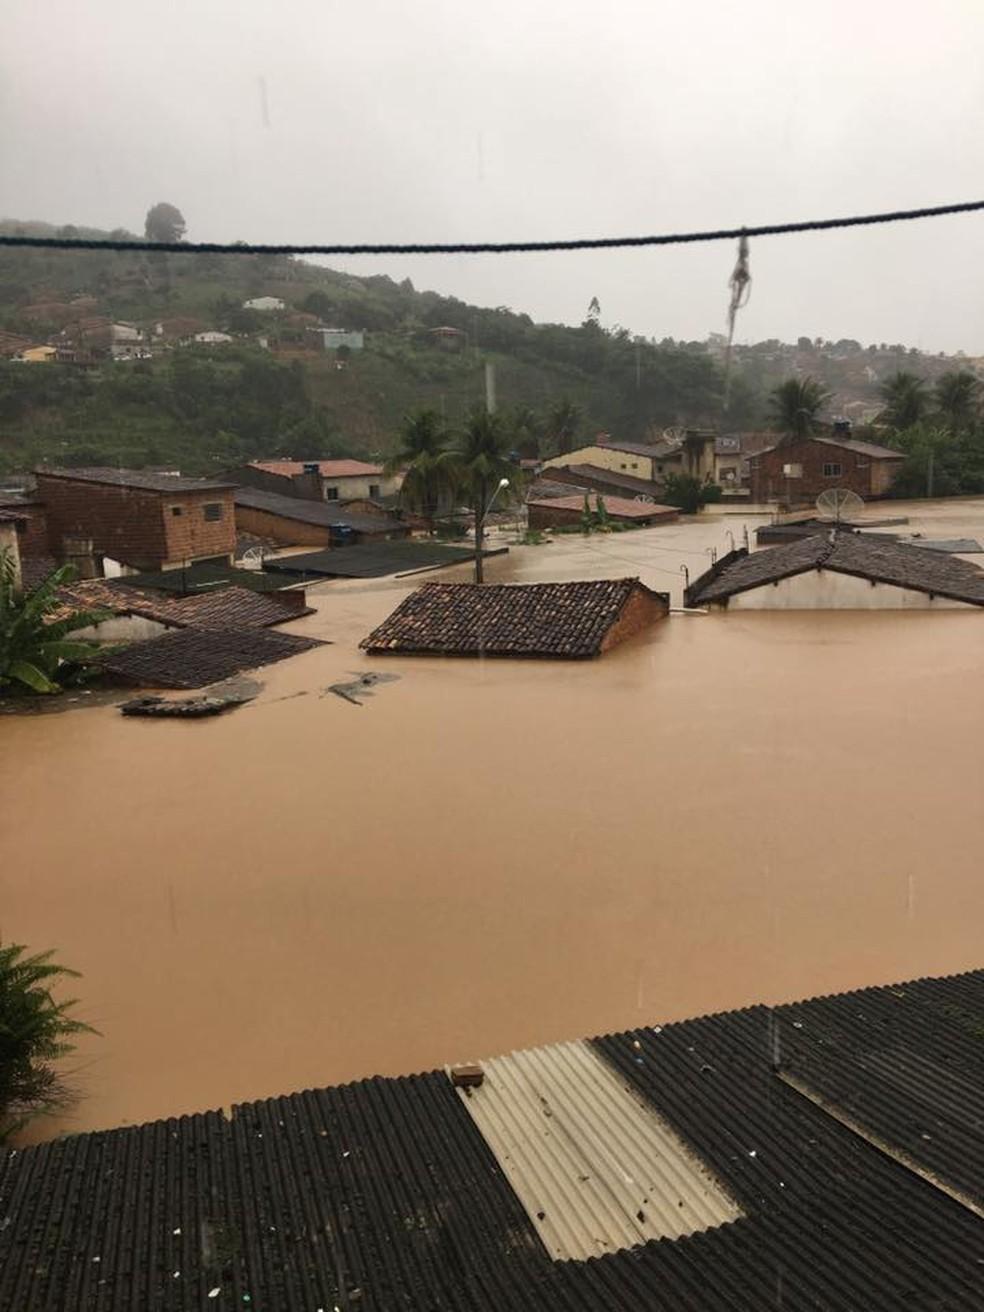 Cheia em Barra de Guabiraba foi uma das maiores no Estado (Foto: Mário Flávio/G1 )